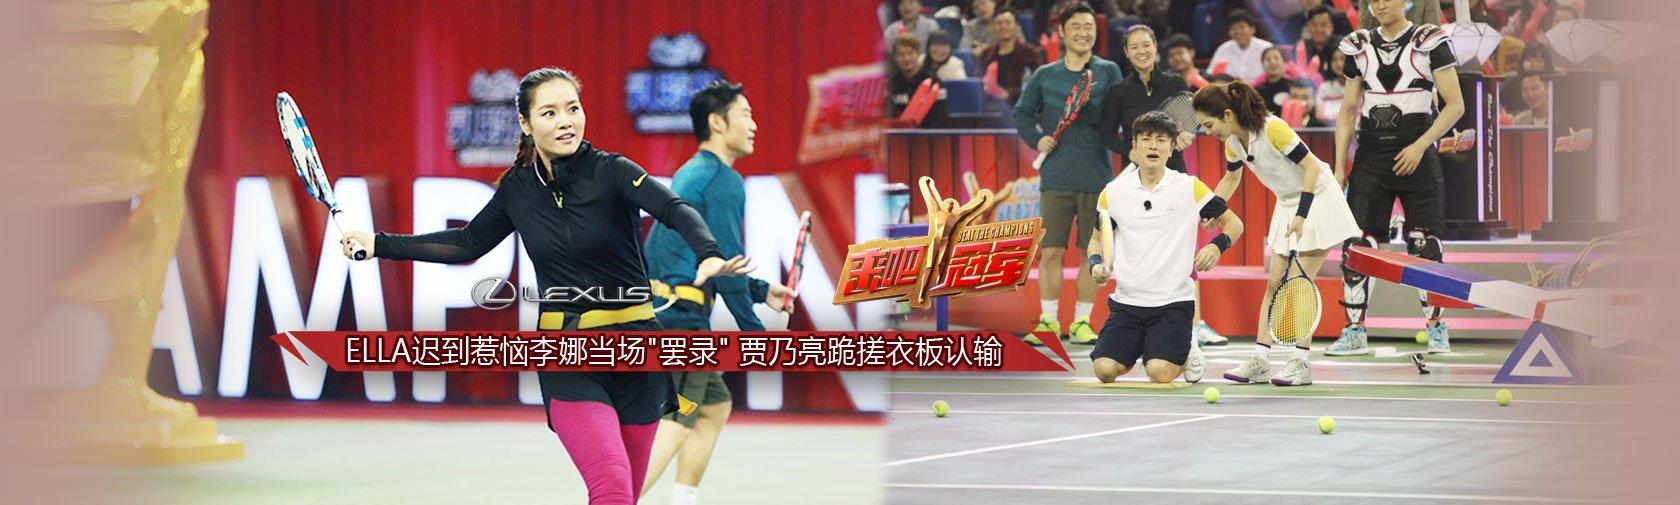 《来吧!冠军》 网球赛贾乃亮跪搓衣板认输